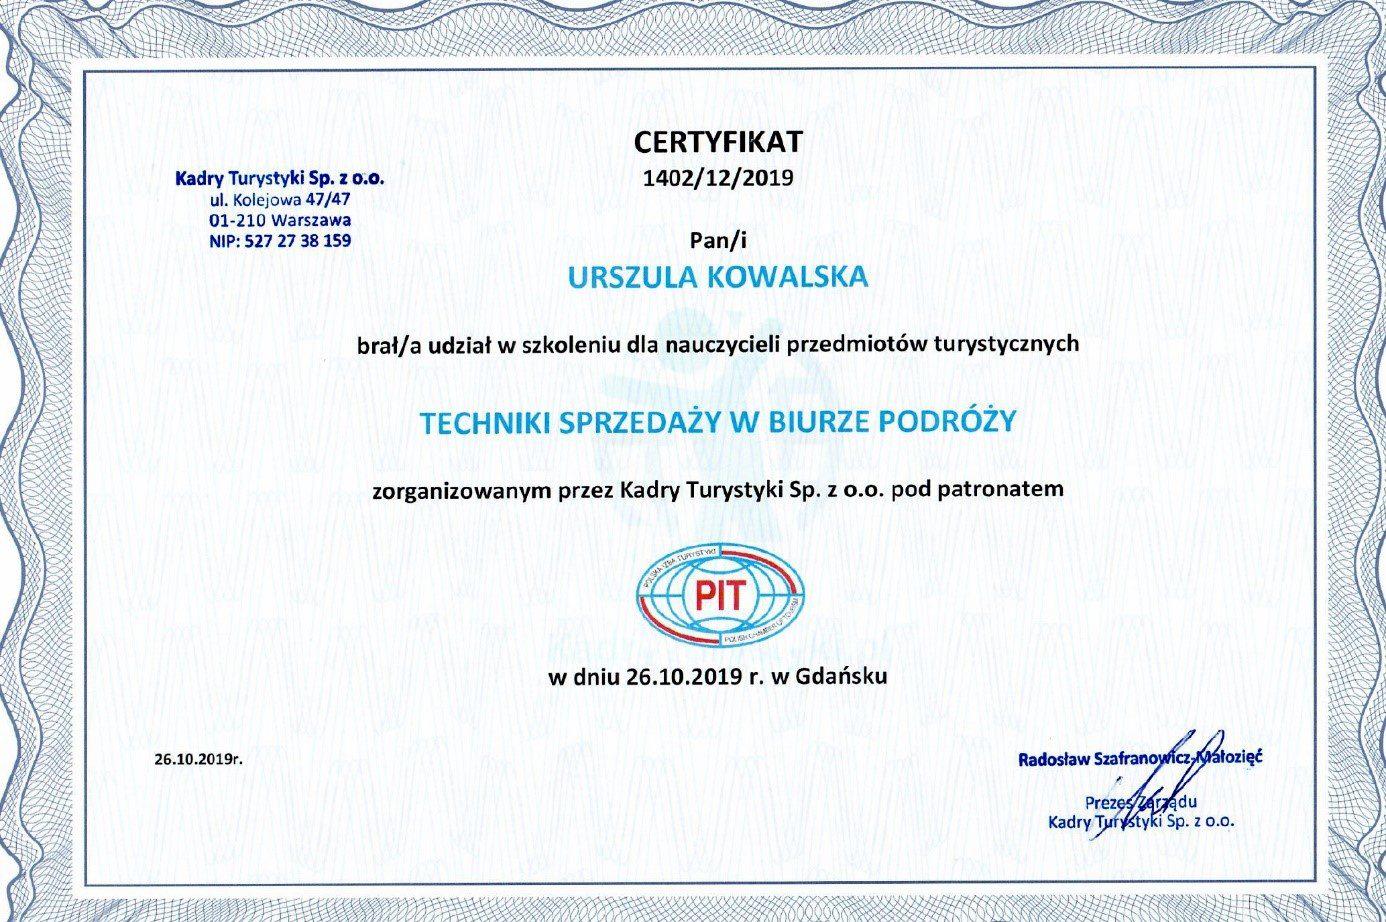 certyfikat nauczyciel przedmiotów turystycznych